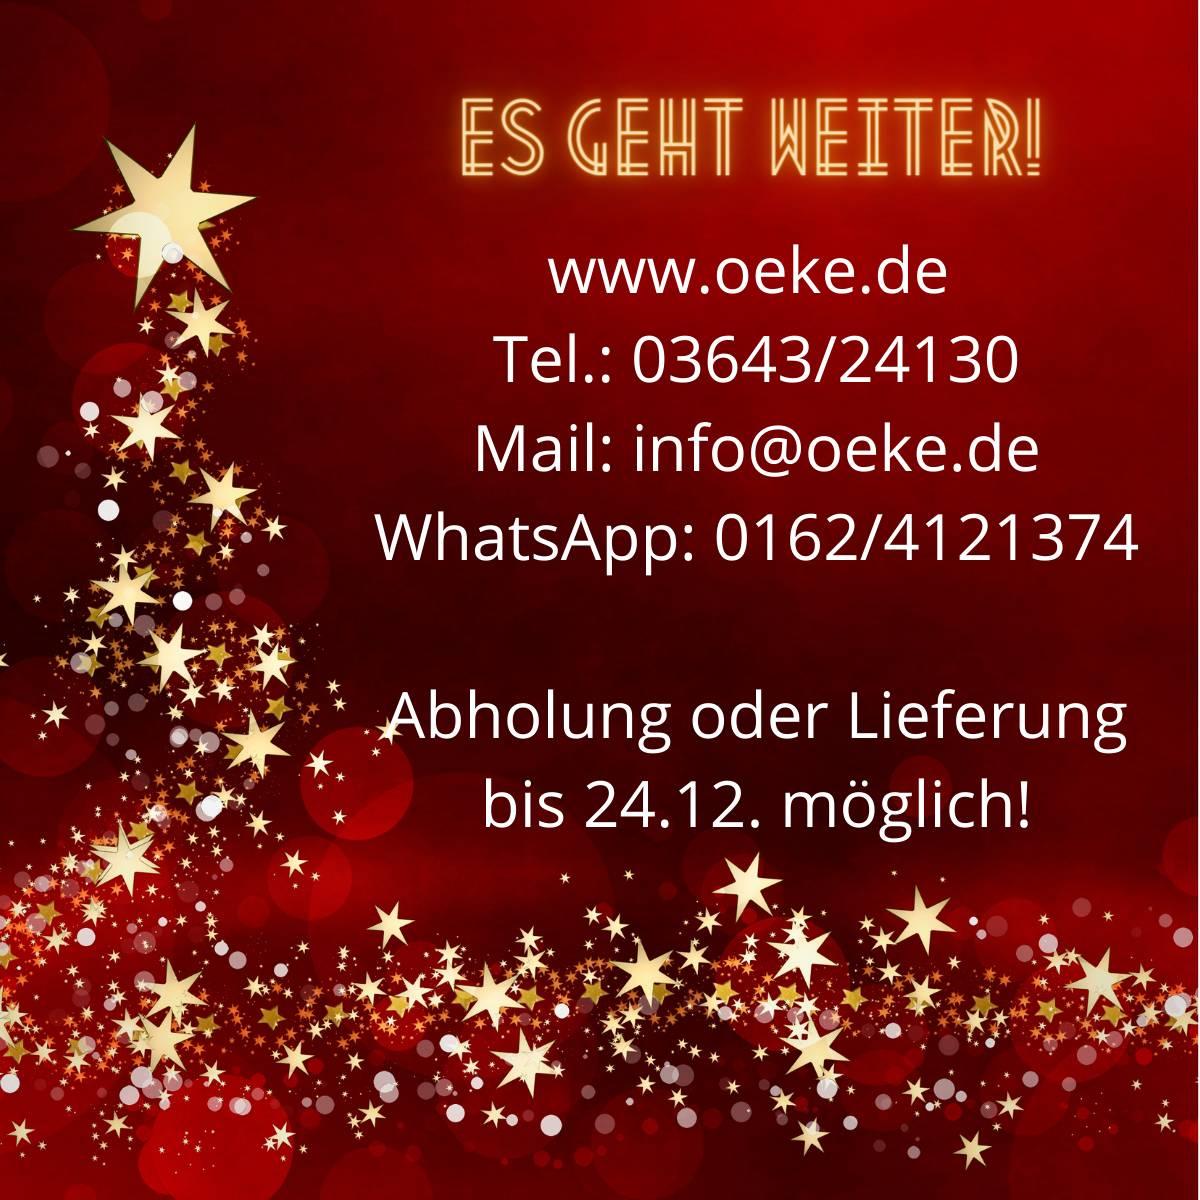 OEKE Infodienst - Weihnachten 2020